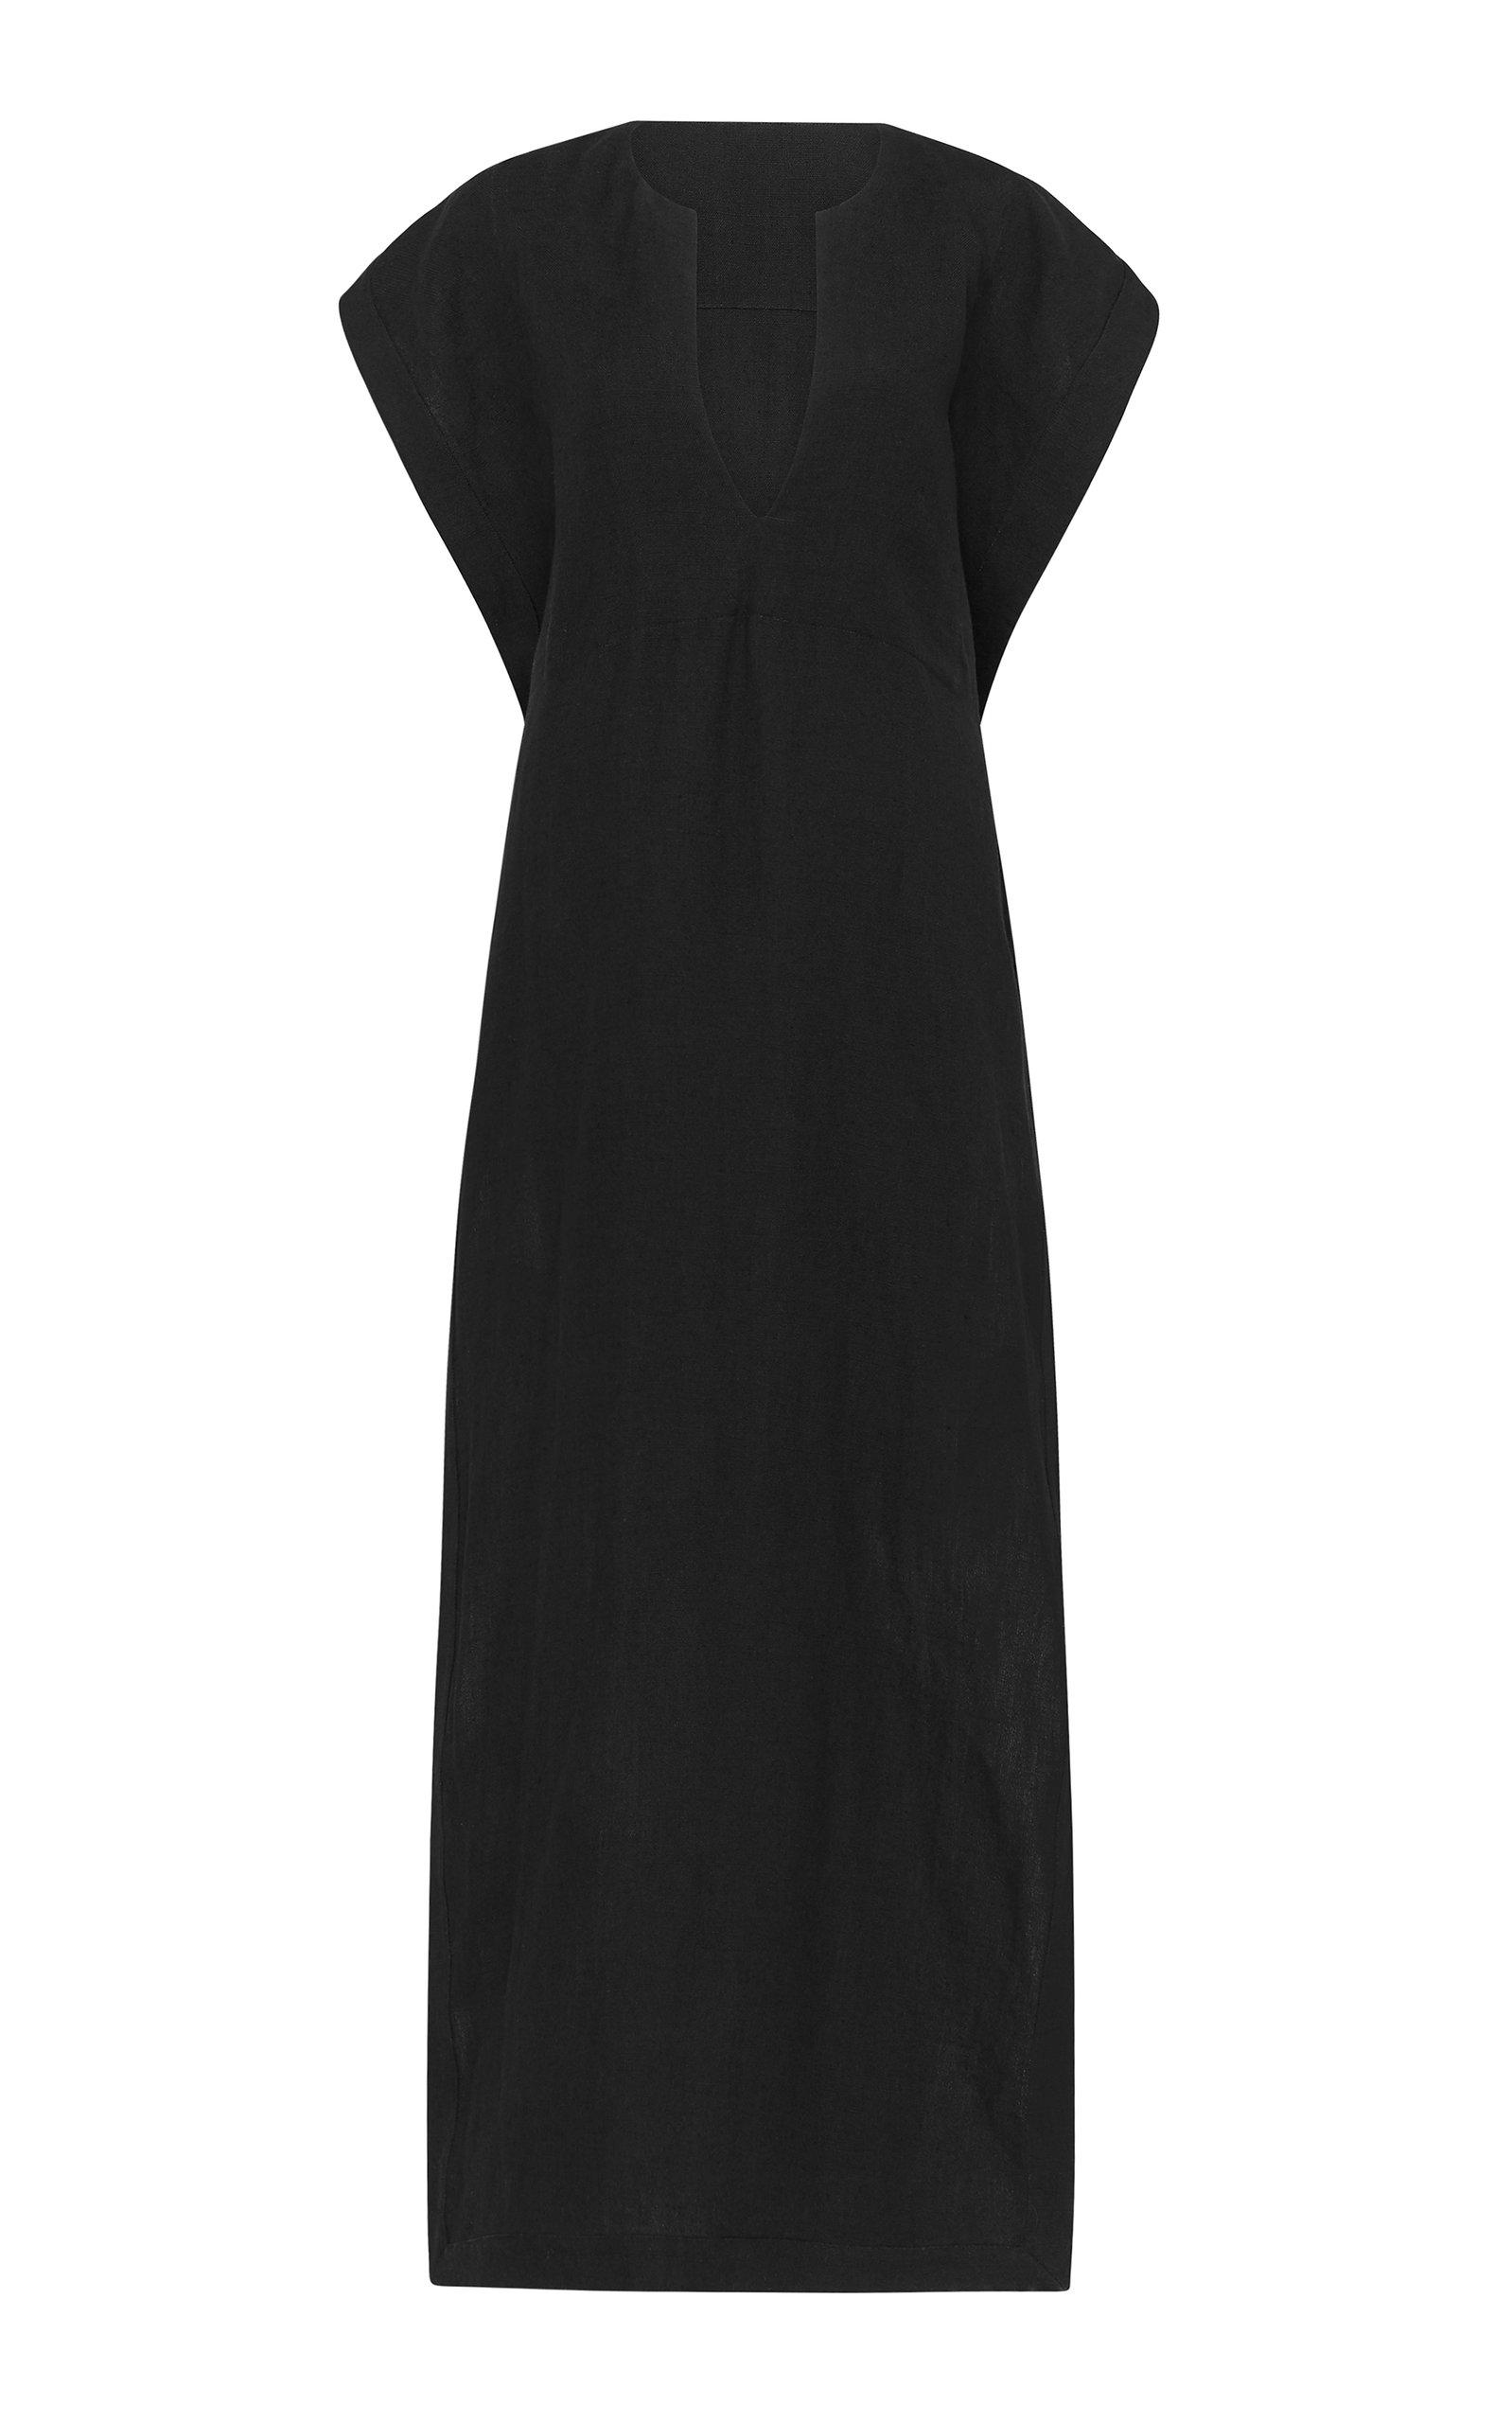 Buy Matteau Linen and Cotton-Blend Midi Dress online, shop Matteau at the best price